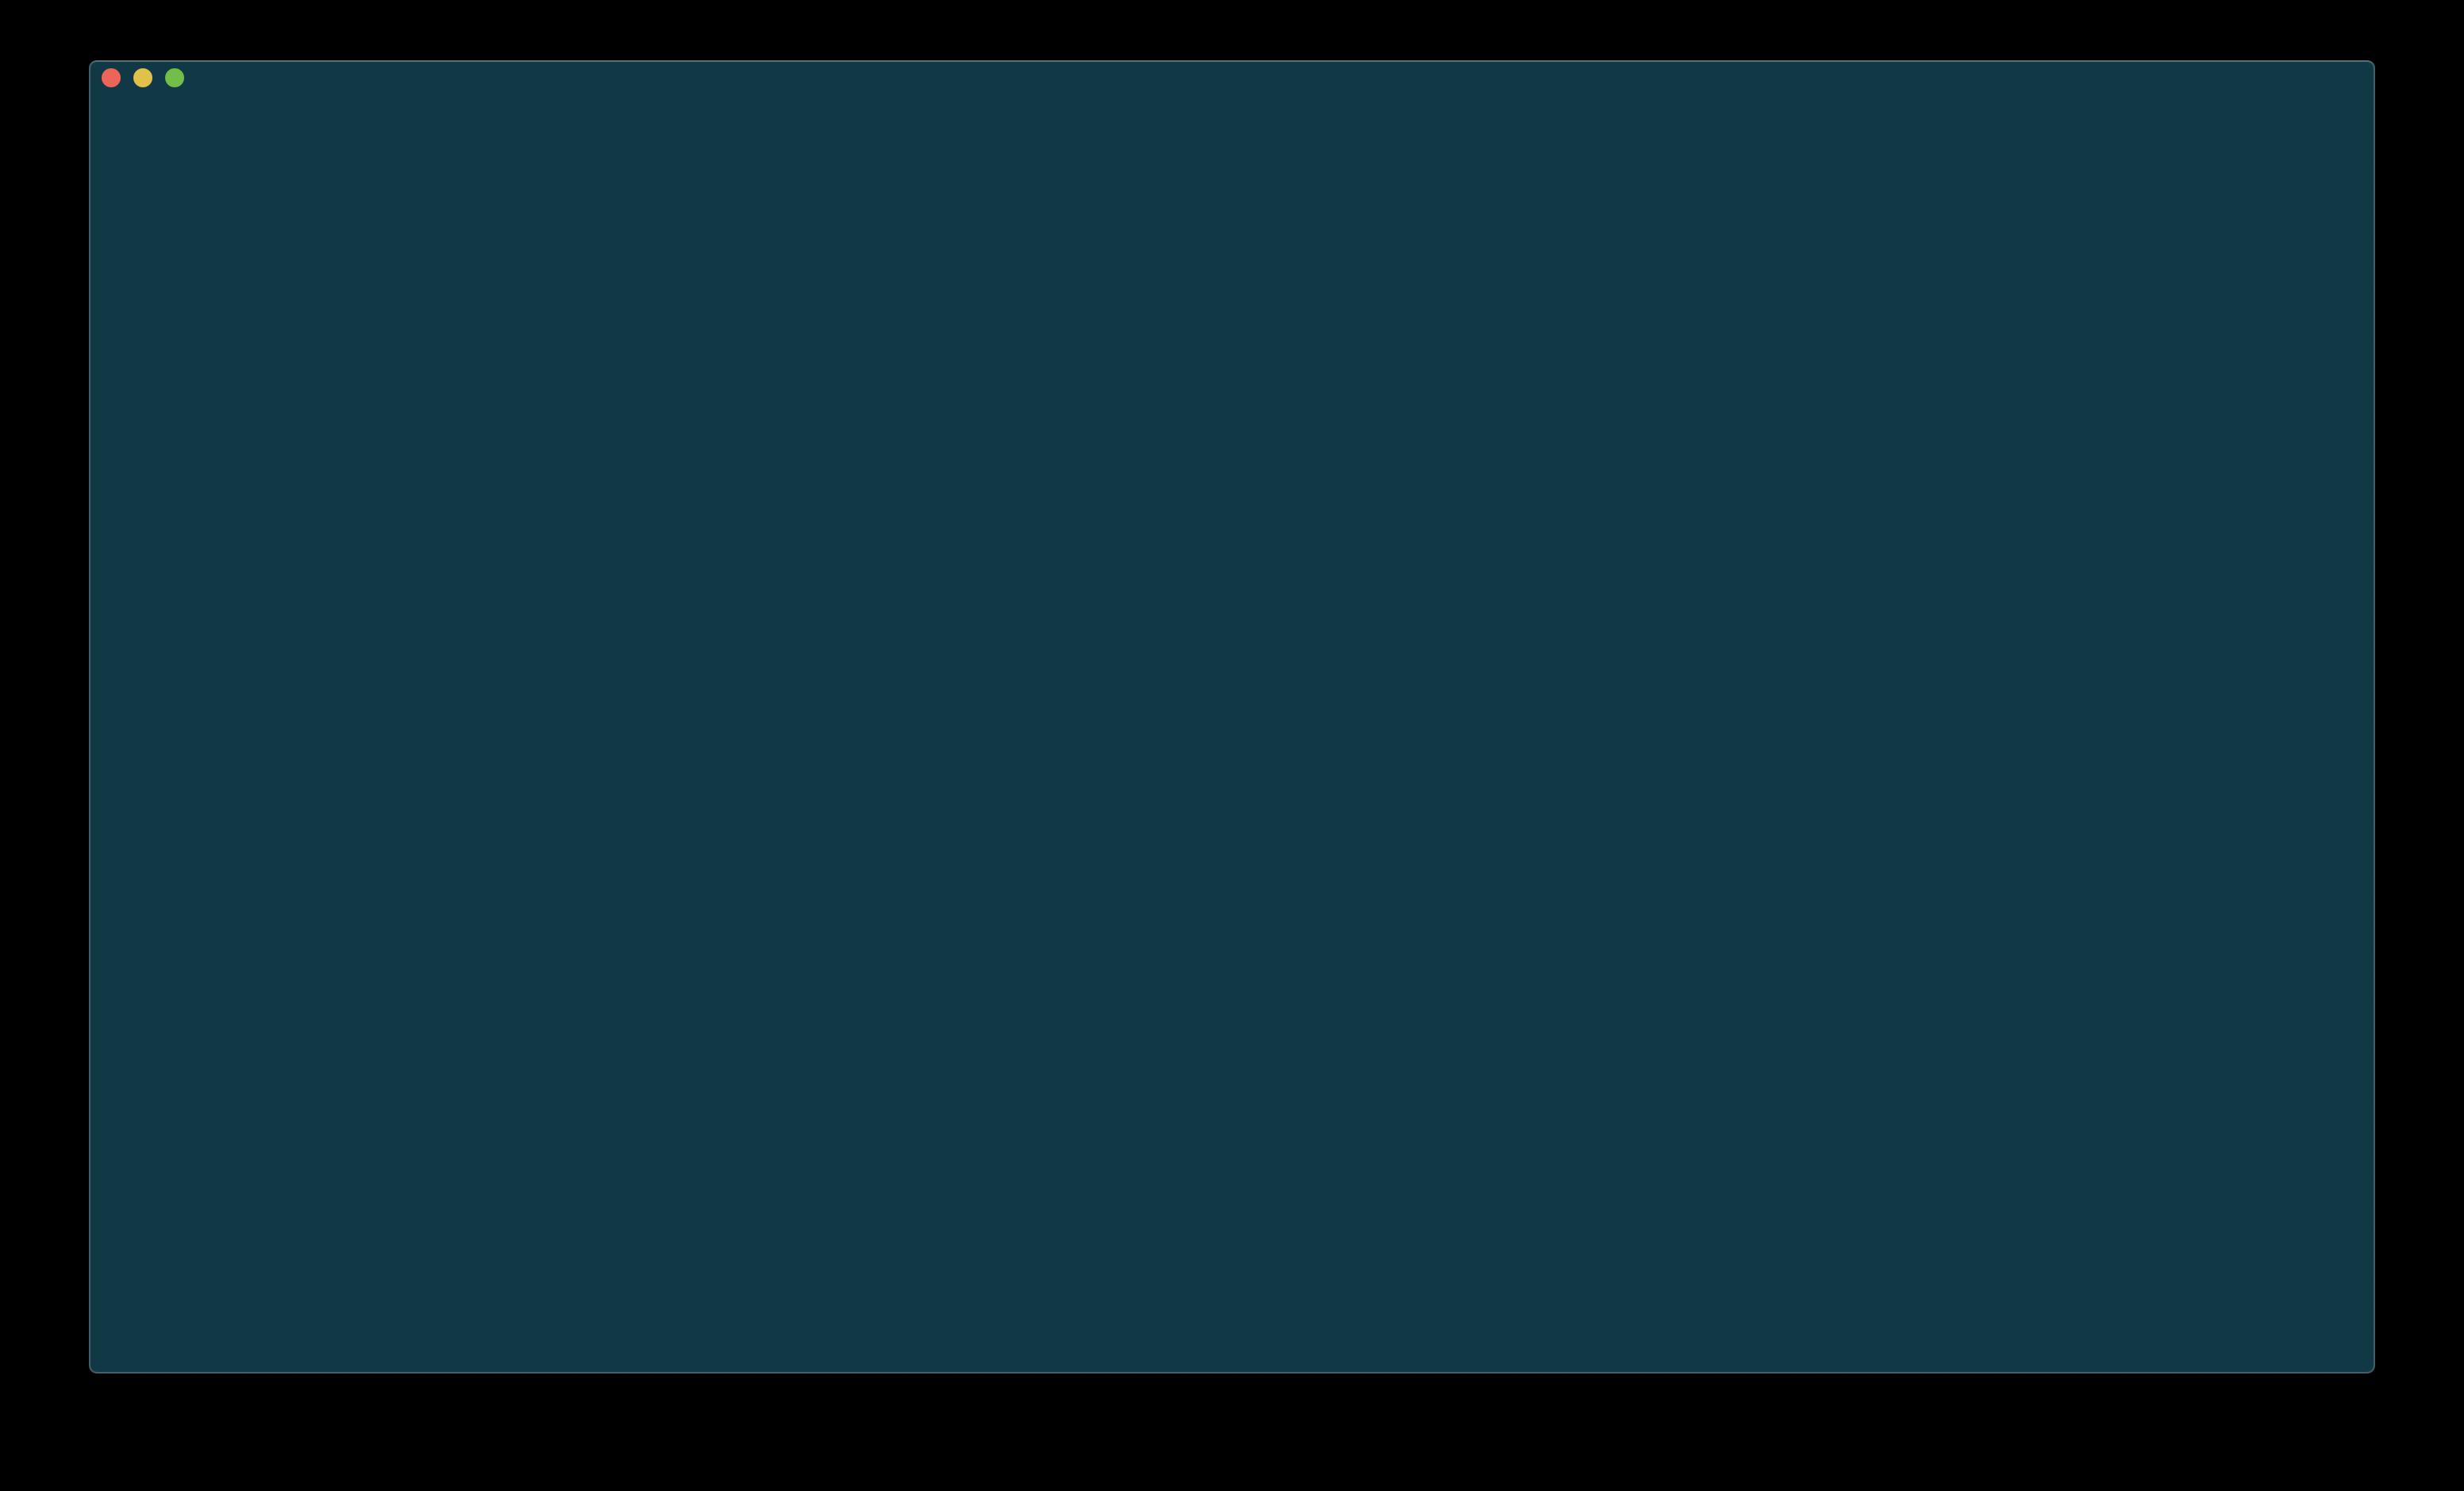 Blank Window on Start in FullScreen mode · Issue #1282